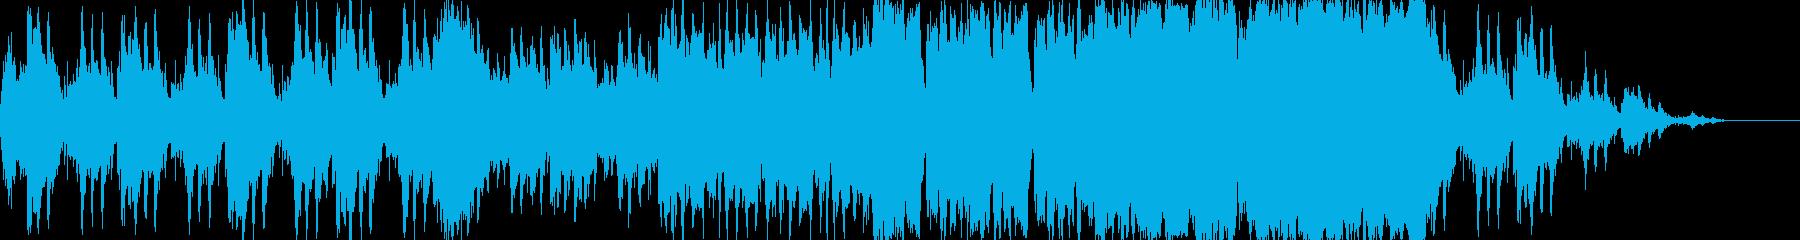 勇壮で力強い曲の再生済みの波形